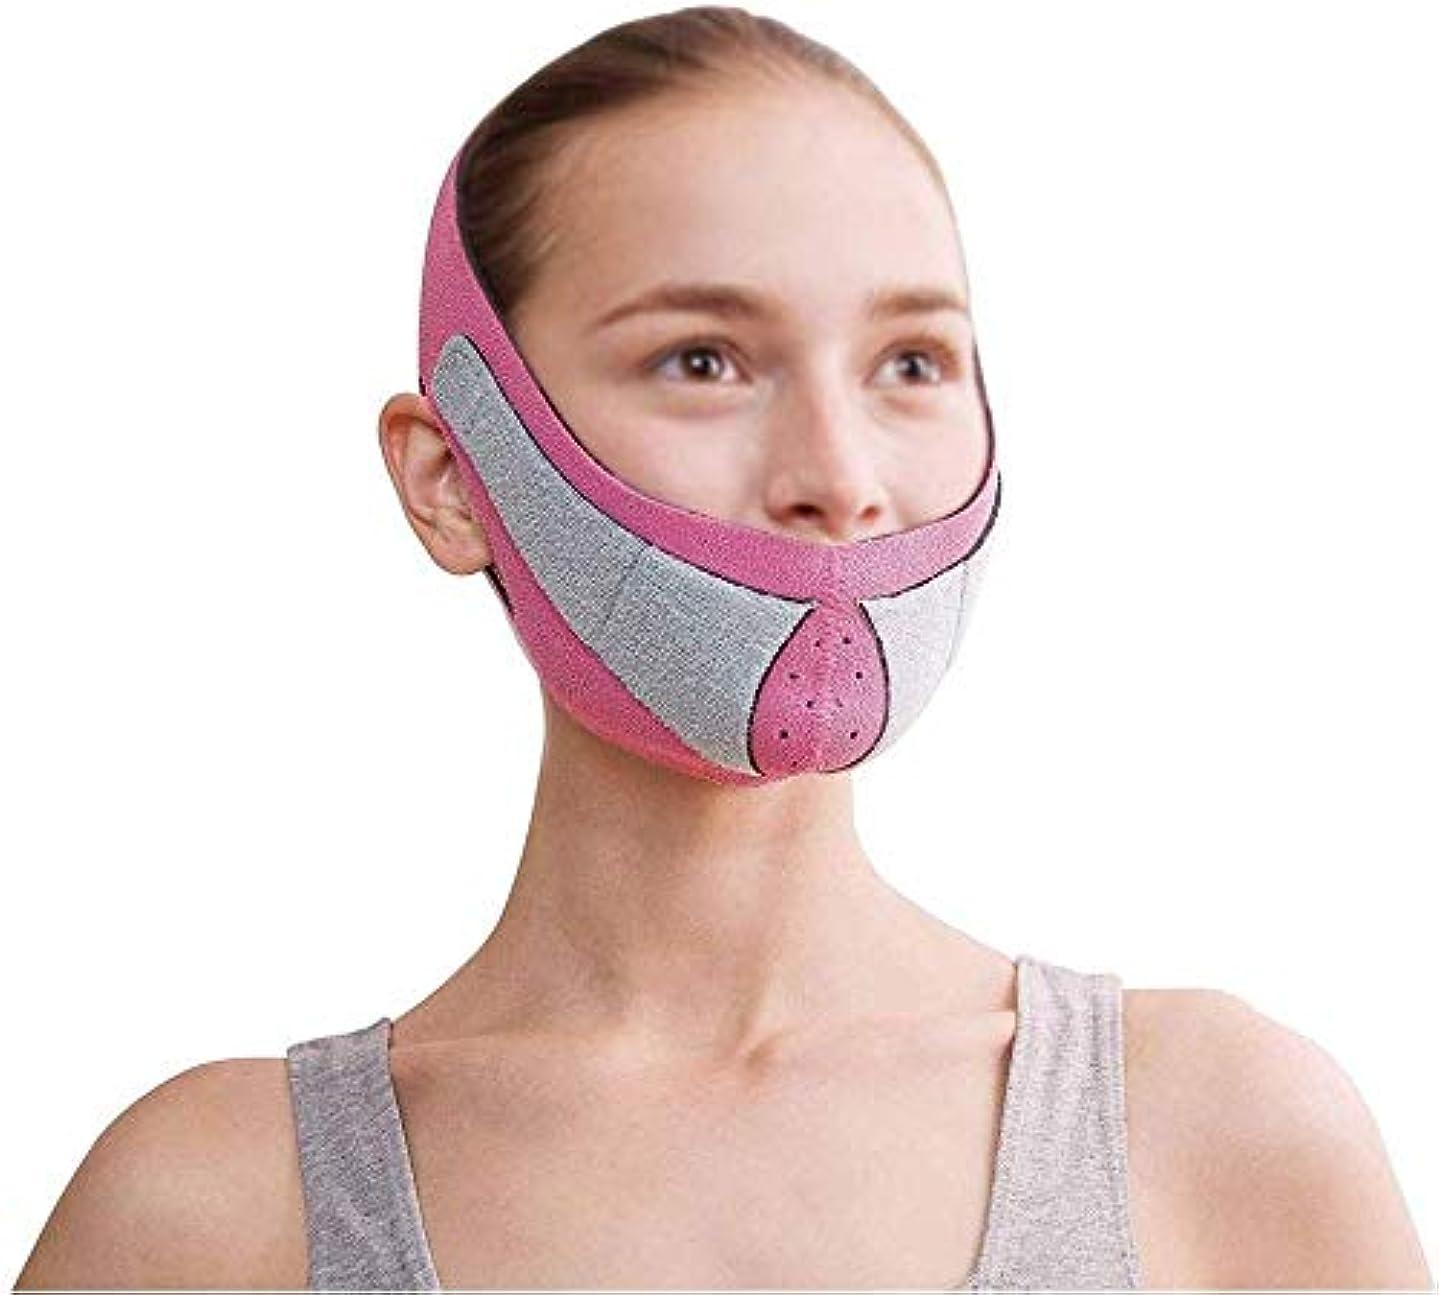 バスケットボール枠暖炉美容と実用的な薄いフェイスマスク、リフティングスキンファーミングアンチサギングフォーローマスクフェイスシンチンバンデージ